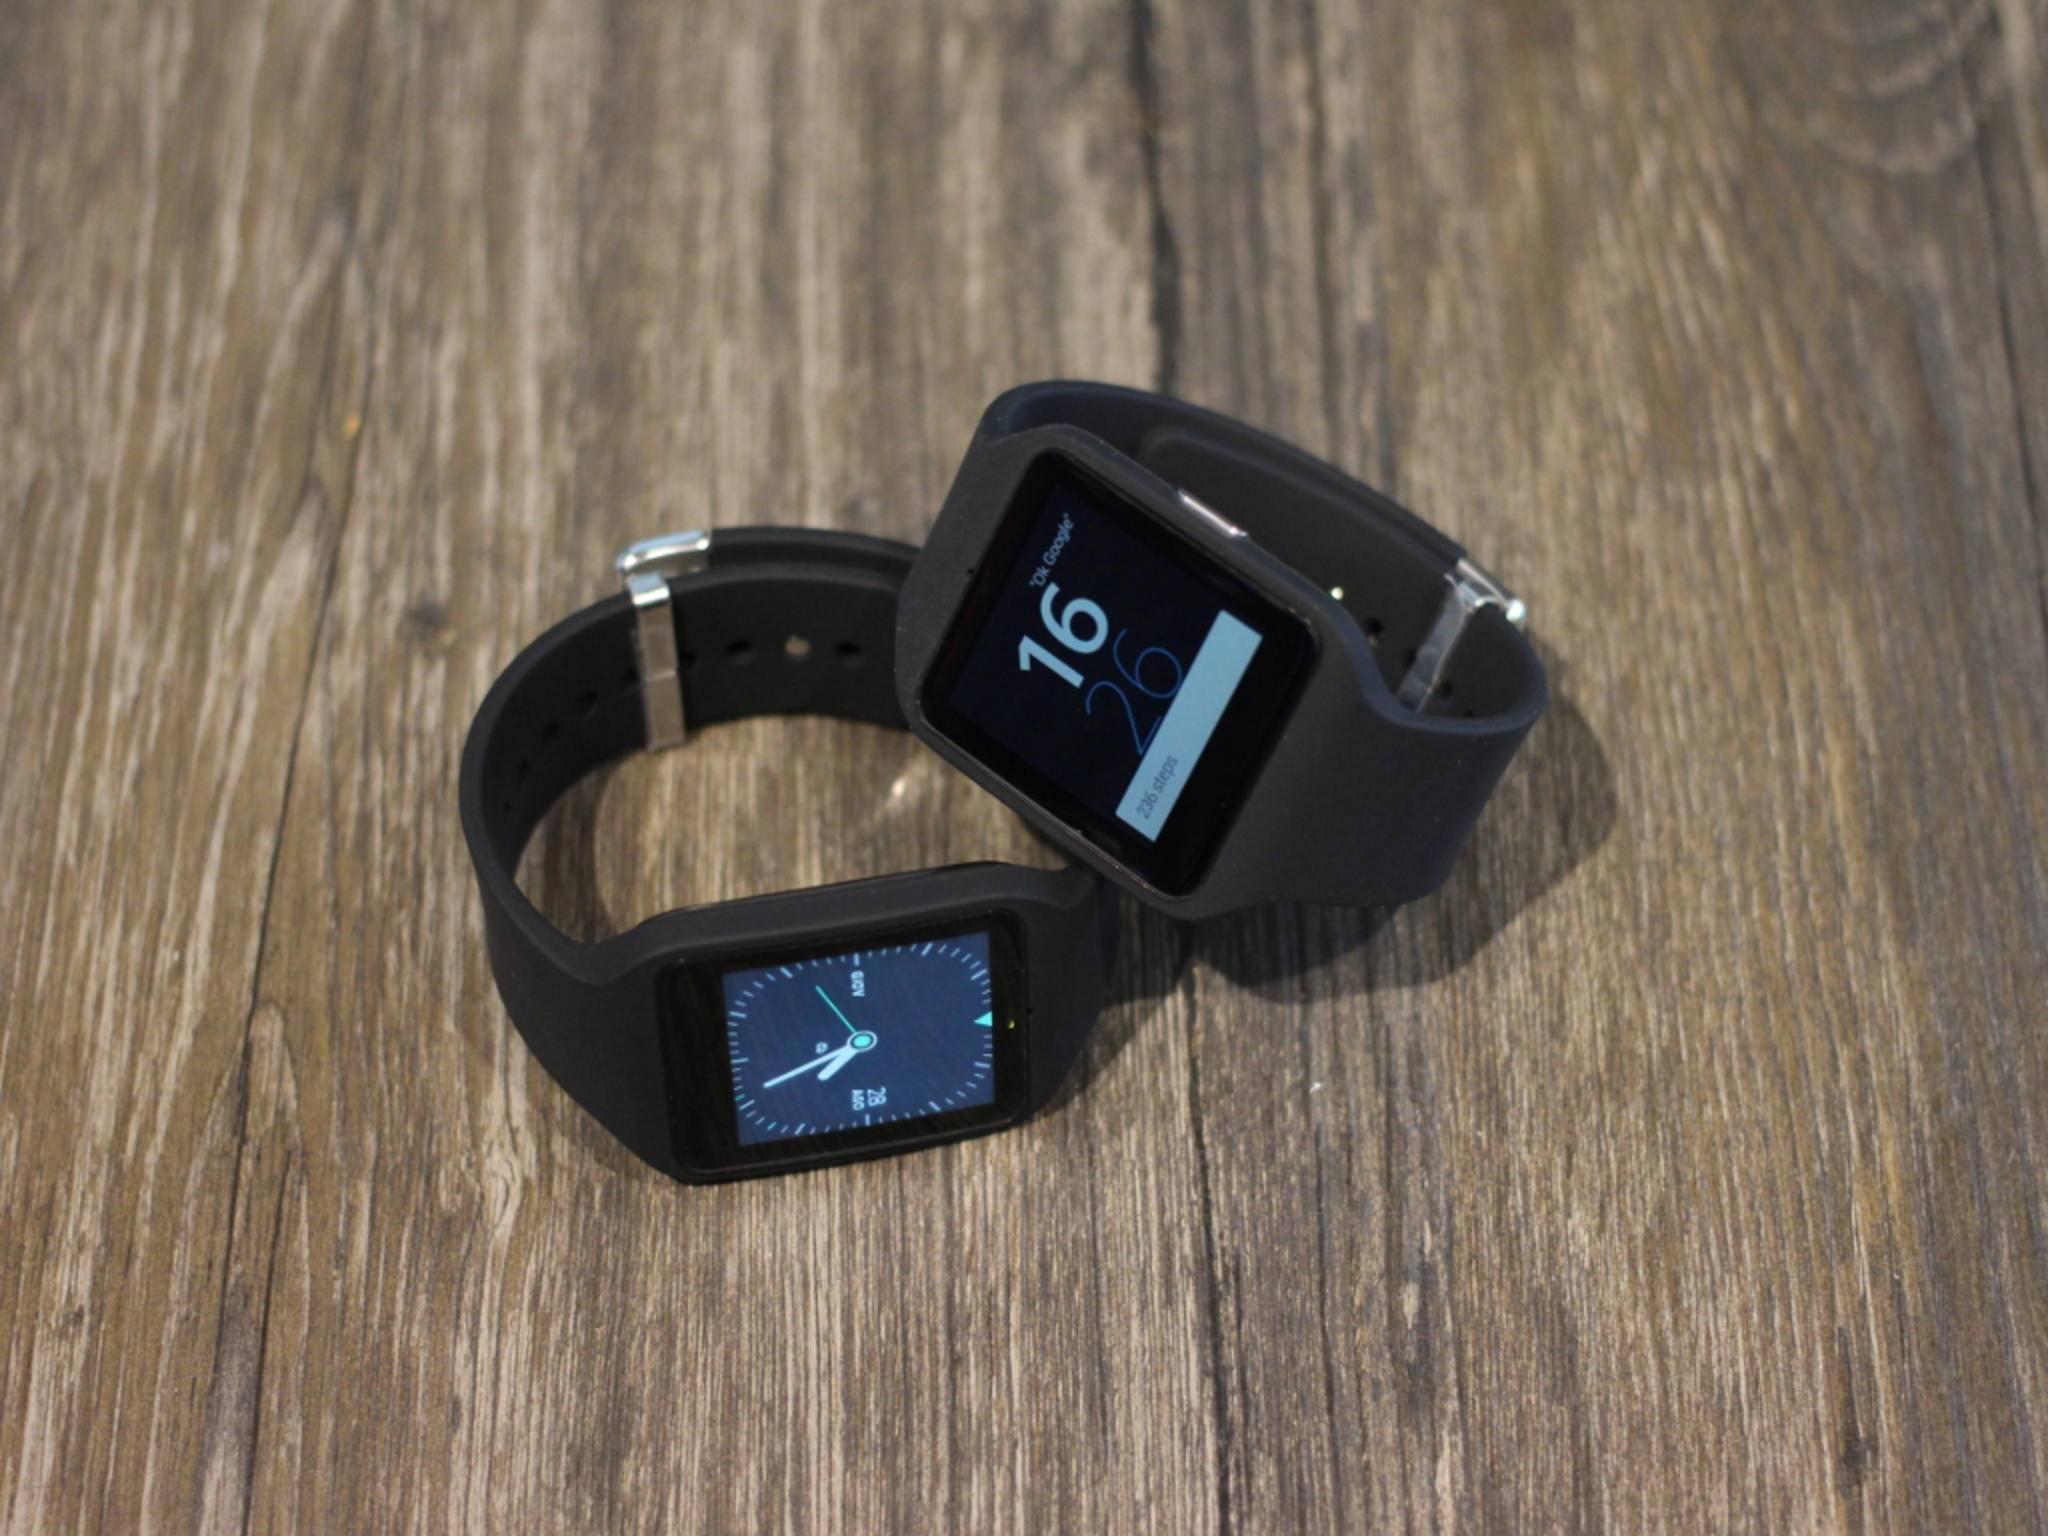 Nach der SmartWatch 3 plant Sony als nächstes offenbar eine E-Paper-Uhr.